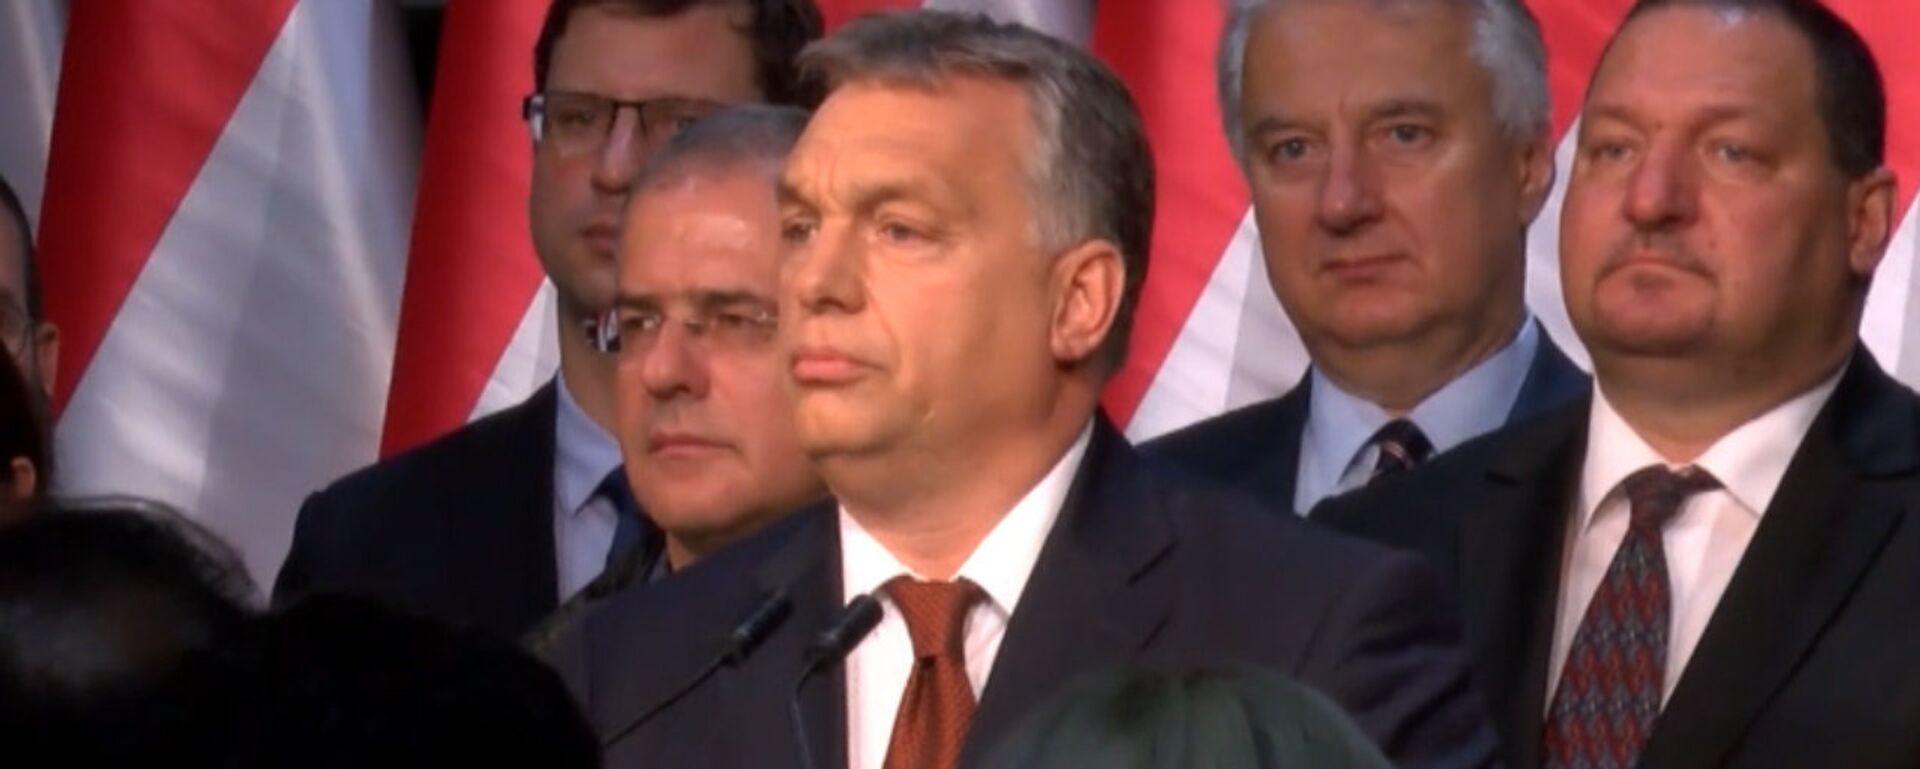 Премьер Венгрии обратился к гражданам после провала референдума - Sputnik Латвия, 1920, 03.10.2016